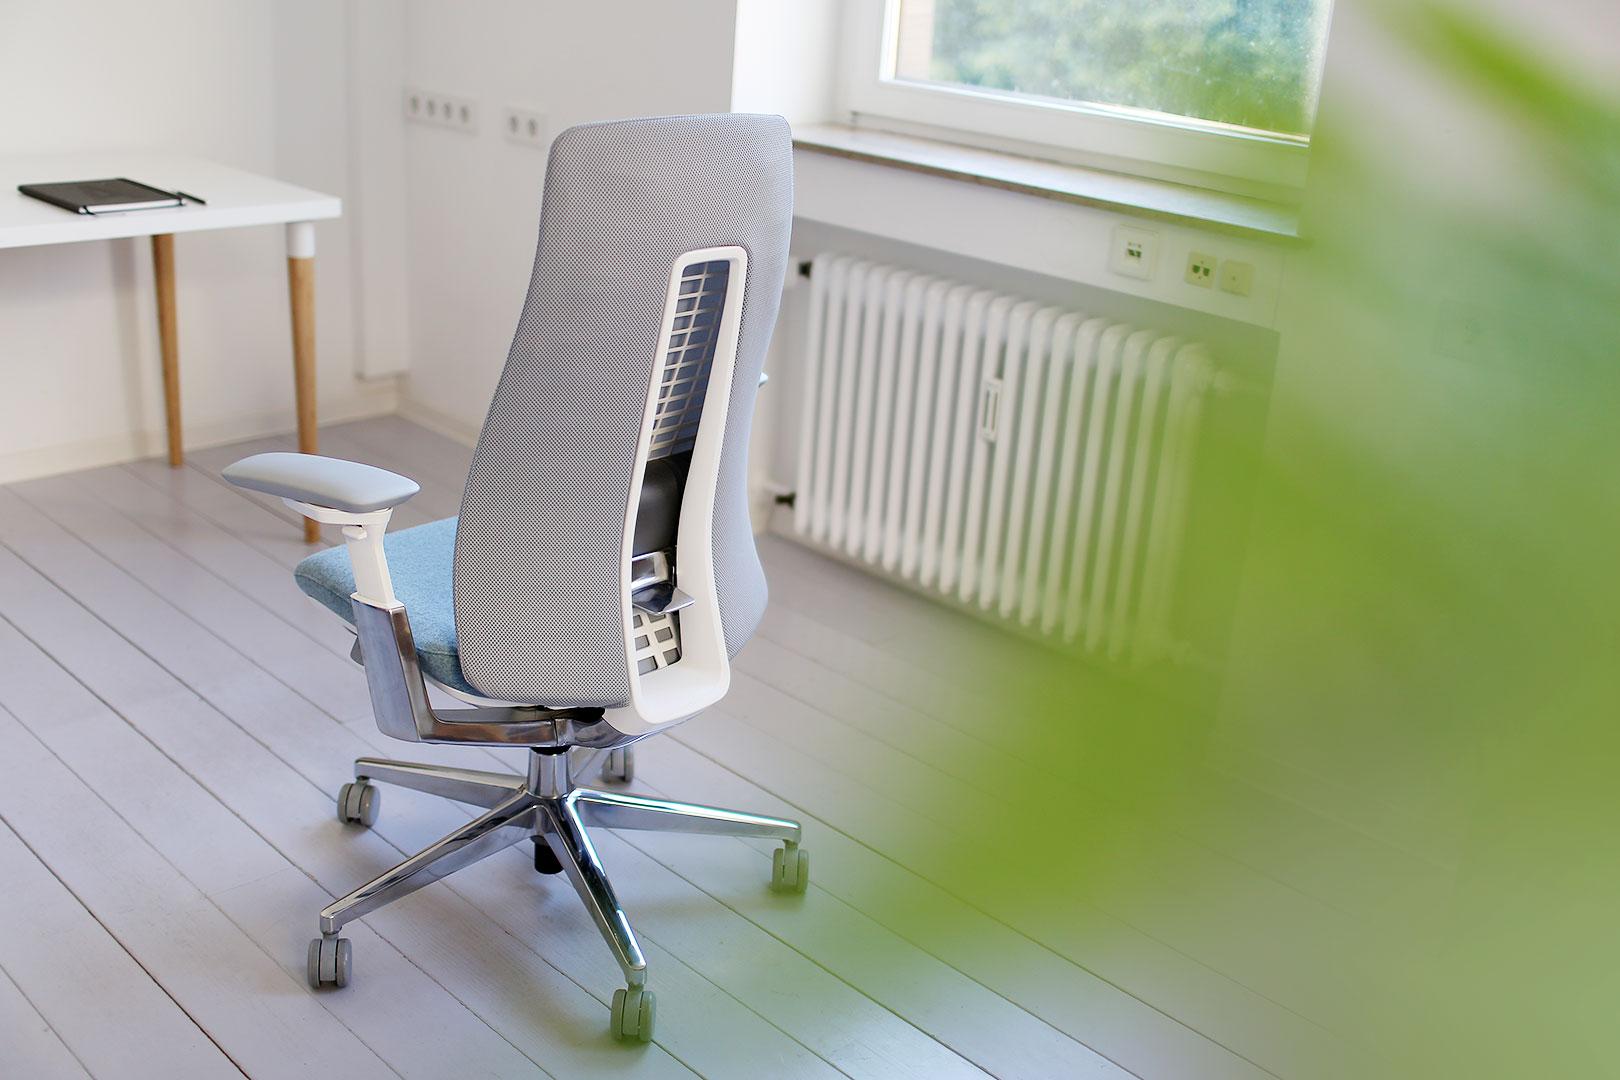 die biologie eines ergonomischen b rostuhls wie fern das sitzen evolutioniert. Black Bedroom Furniture Sets. Home Design Ideas